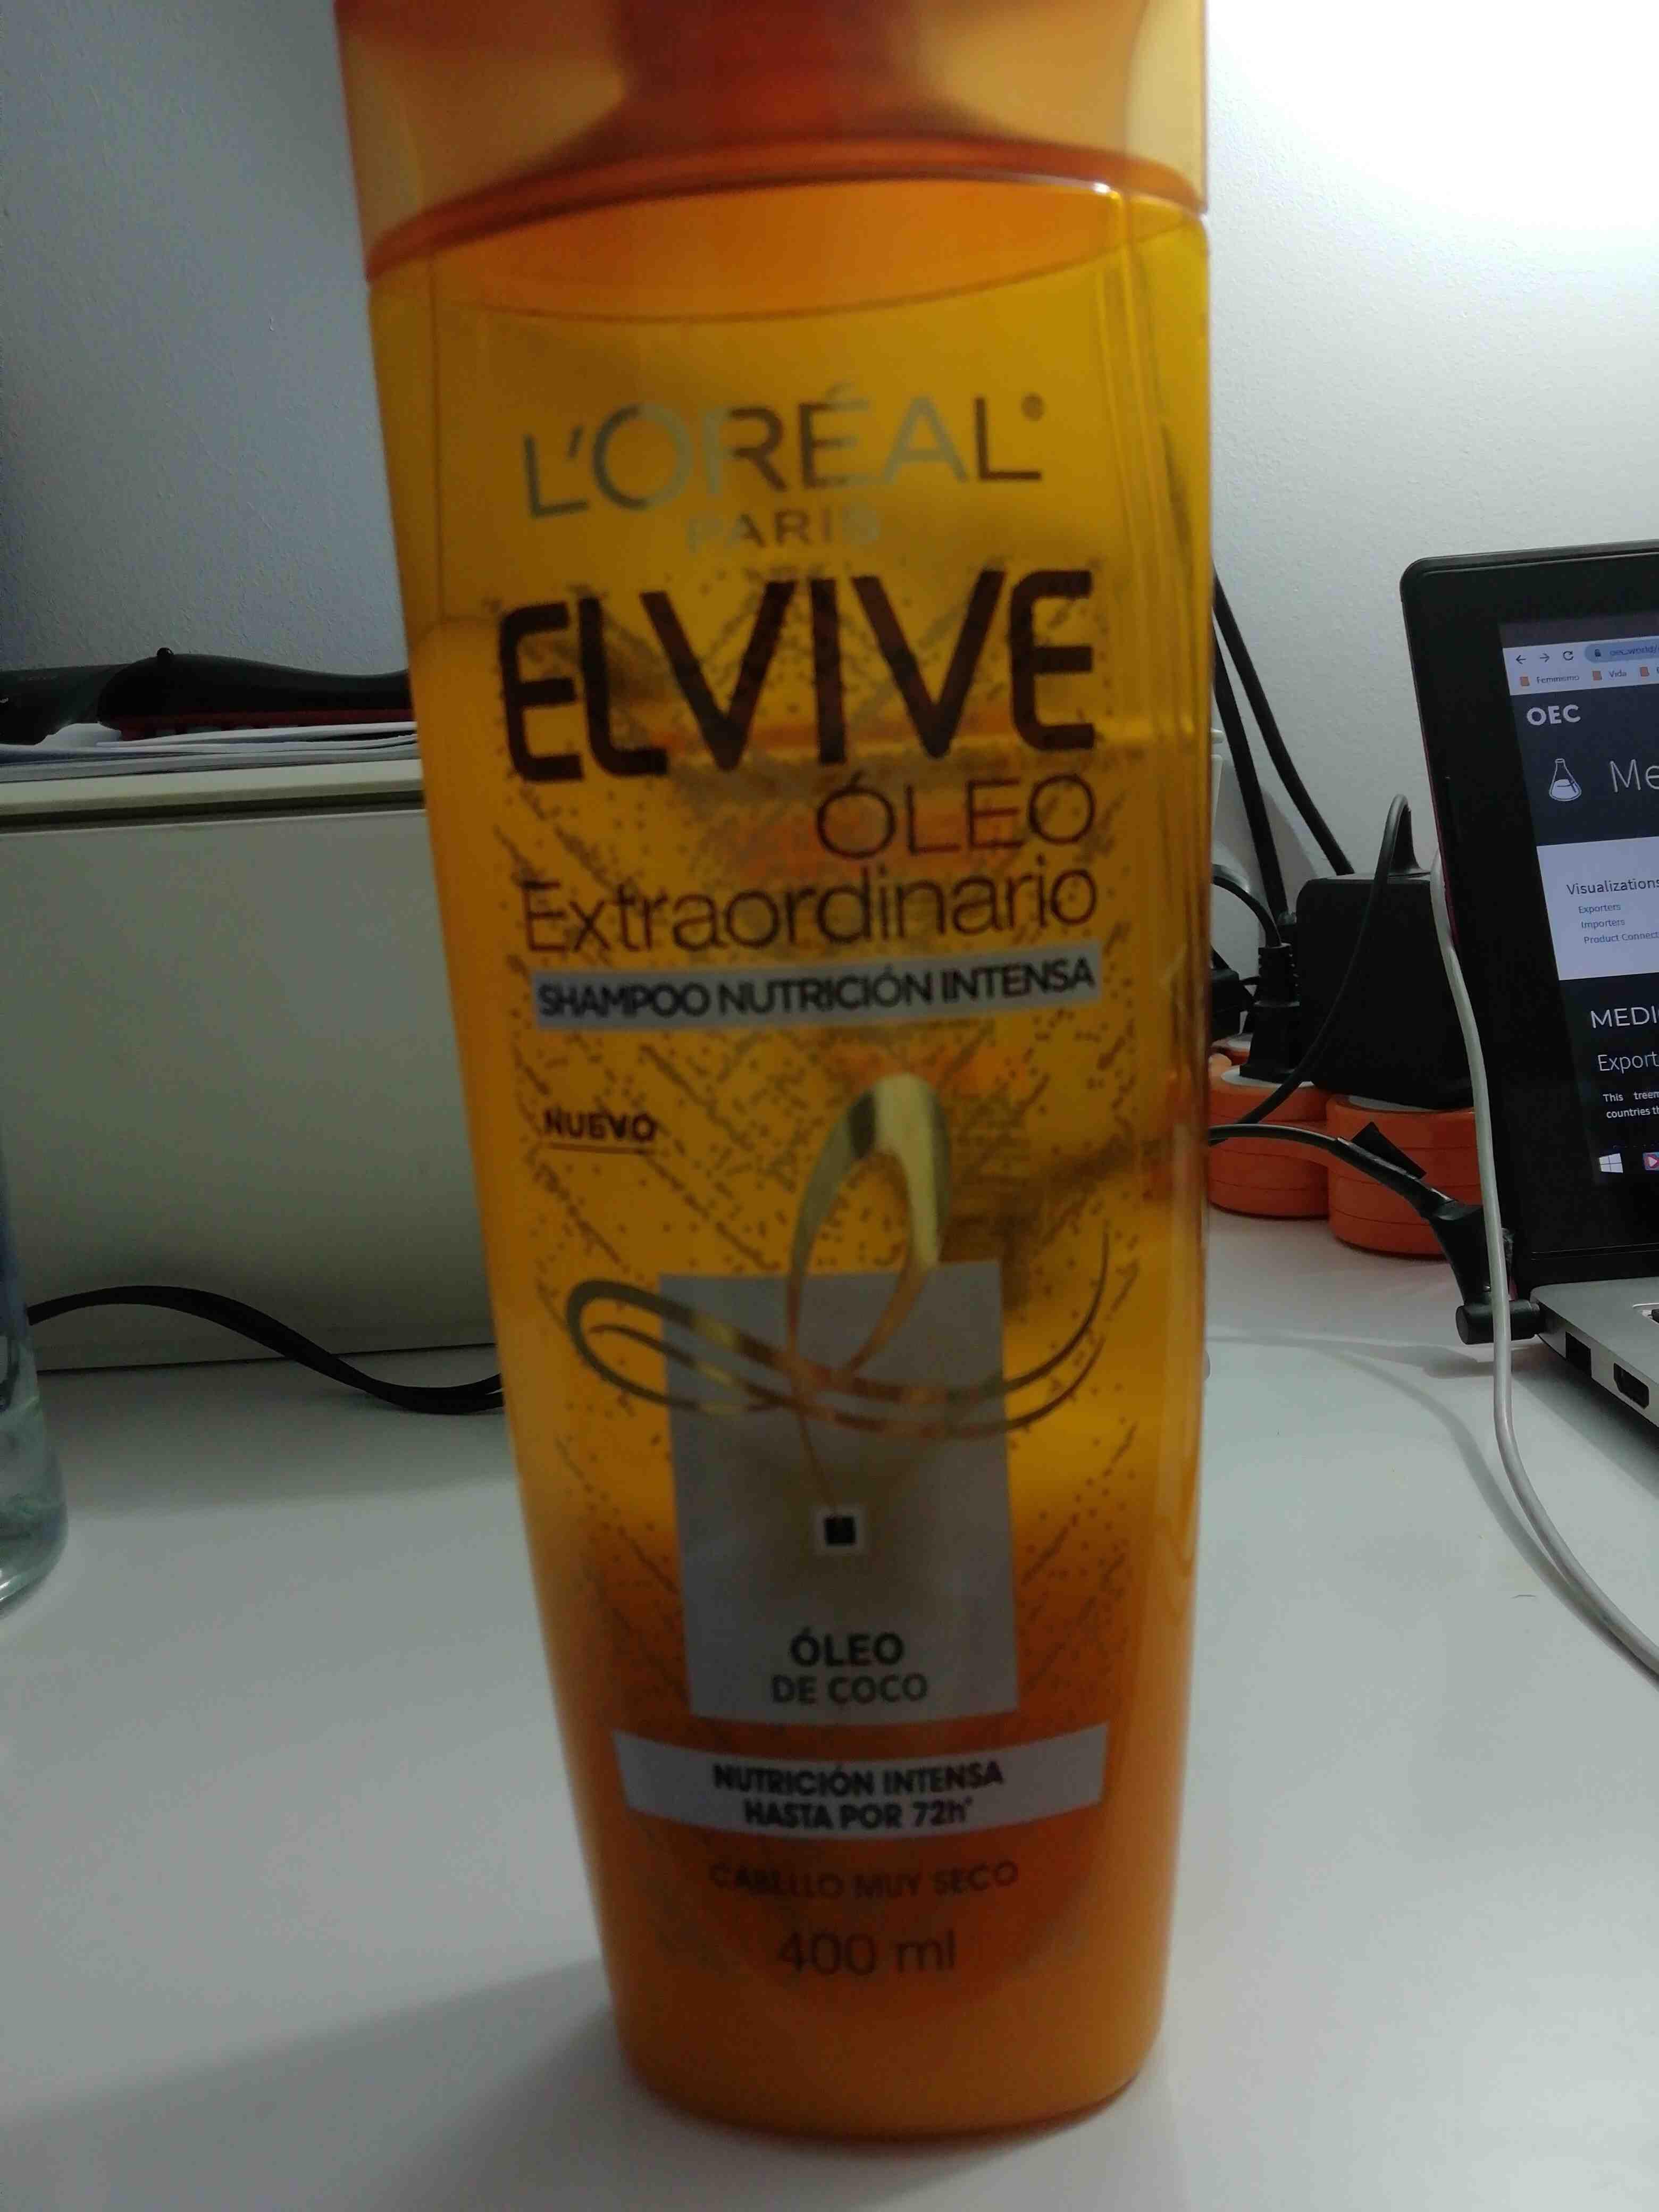 Elvive oleo extraordinario shampoo - Product - en